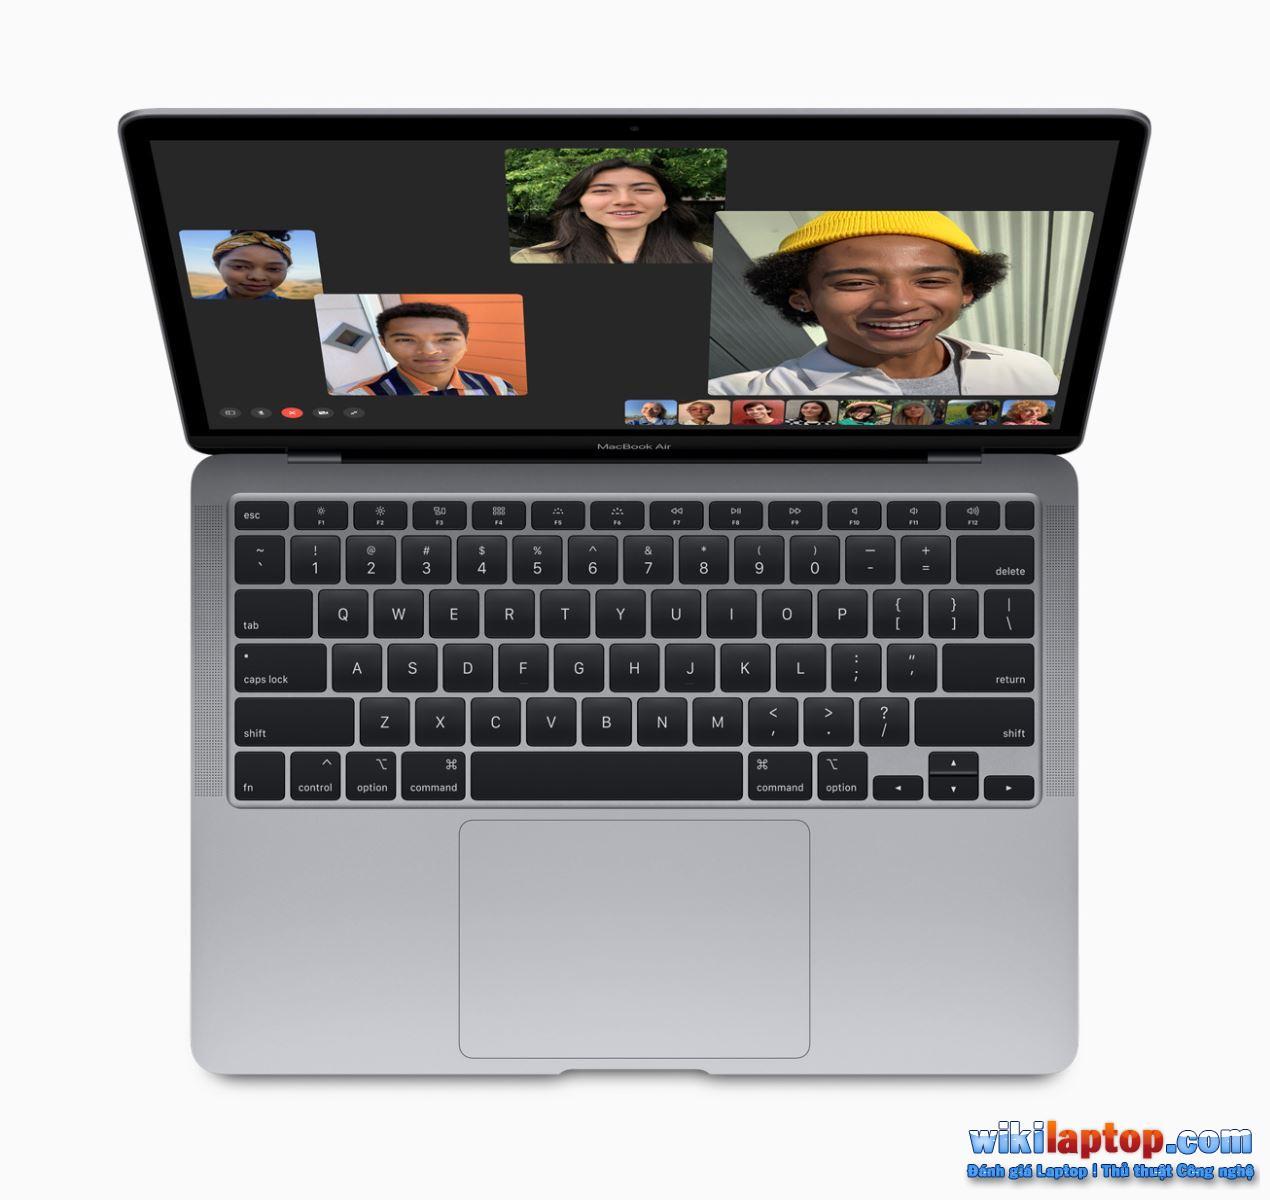 Sforum - Apple_new-macbook-air-facetime-screen_03182020 MacBook Air 2020 và MacBook Pro 13 inch 13 inch: Tùy chọn nào phù hợp với chi phí và nhu cầu?